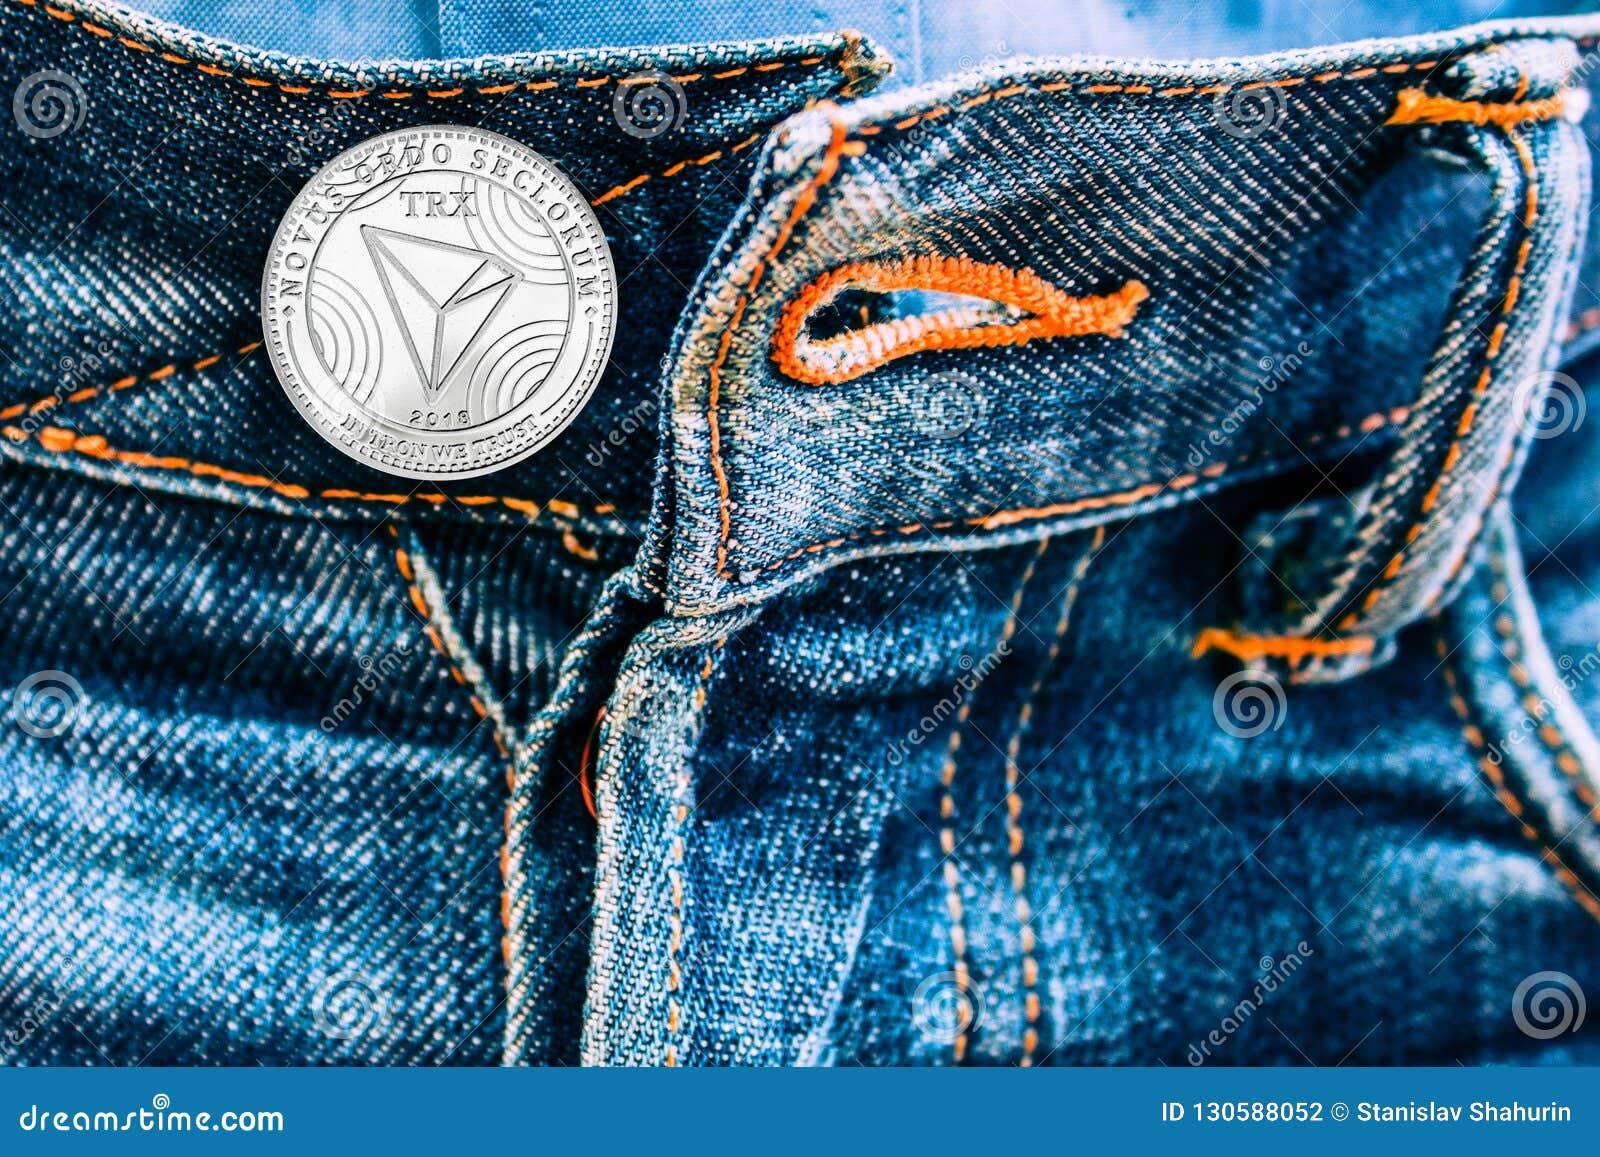 Moneda de Trx en vez de los botones en vaqueros